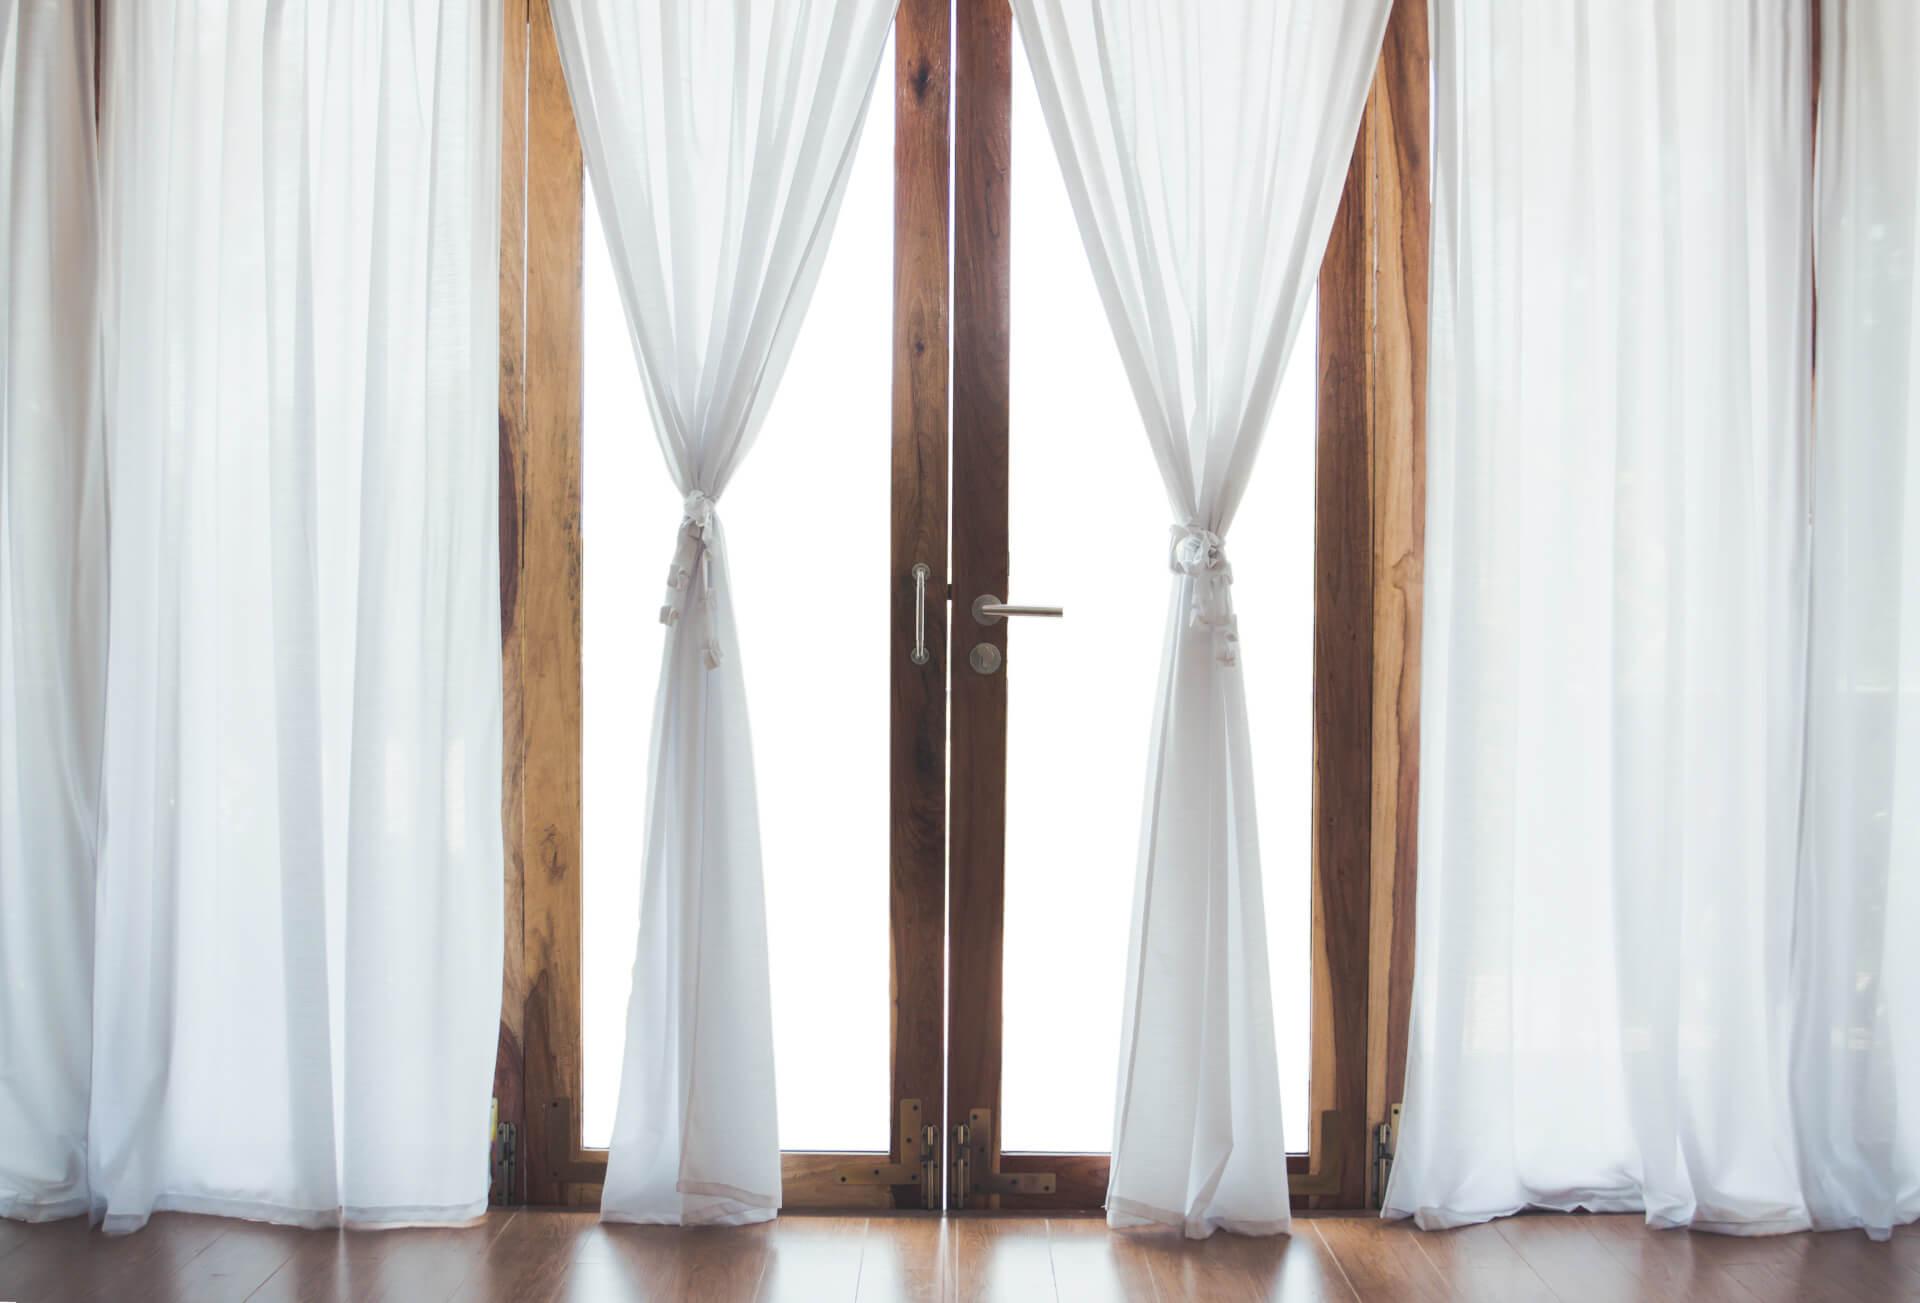 Firany Dlaczego Ich Materiał Jest Tak Ważny Ozdoba Okna